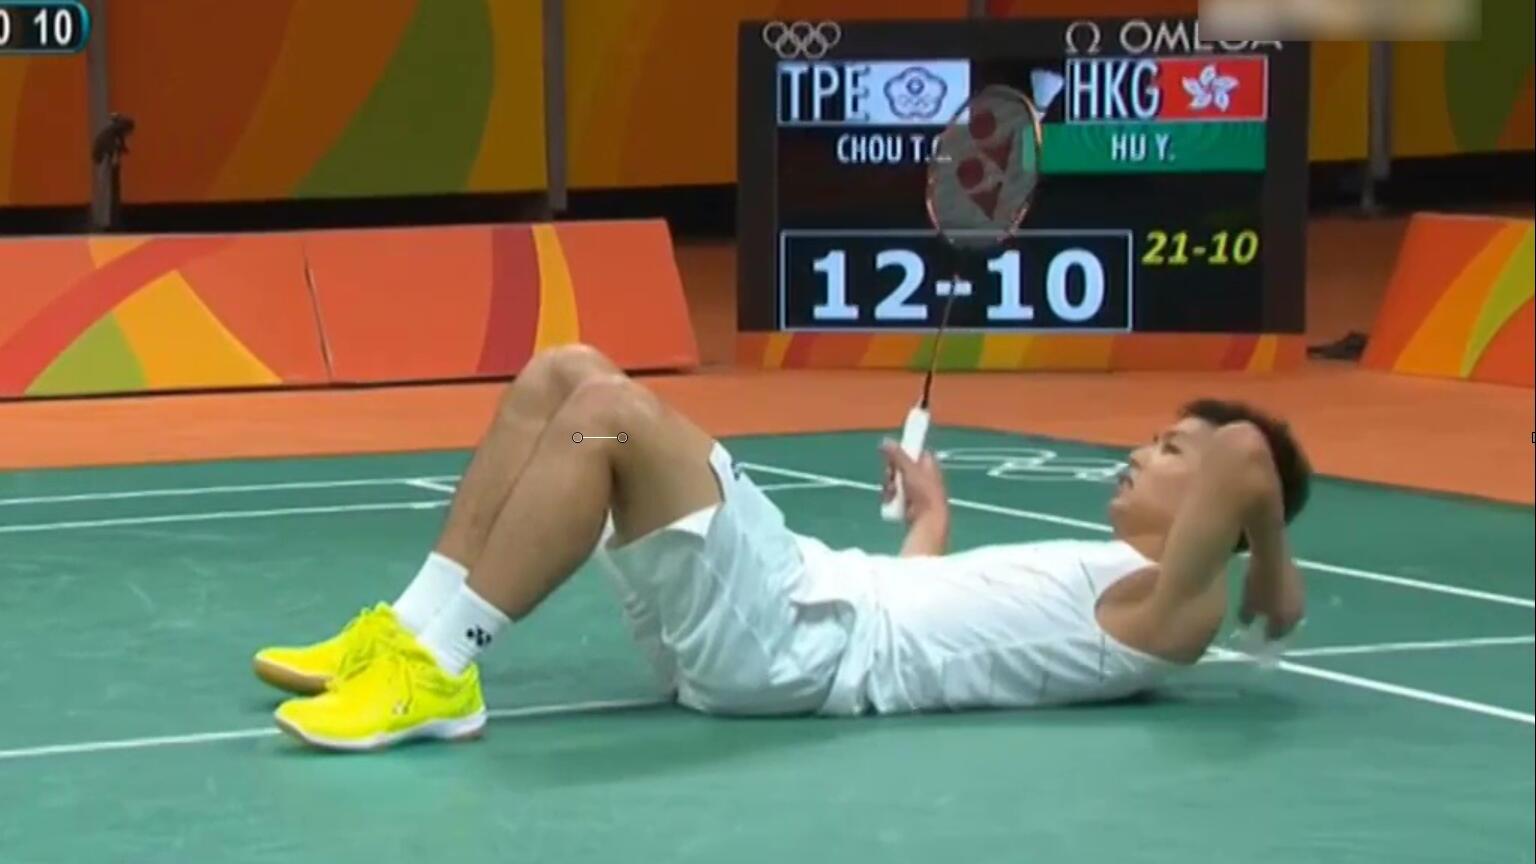 【里约奥运】中国香港胡赟对阵中国台湾周天成 看看谁会赢 周天成vs胡赟